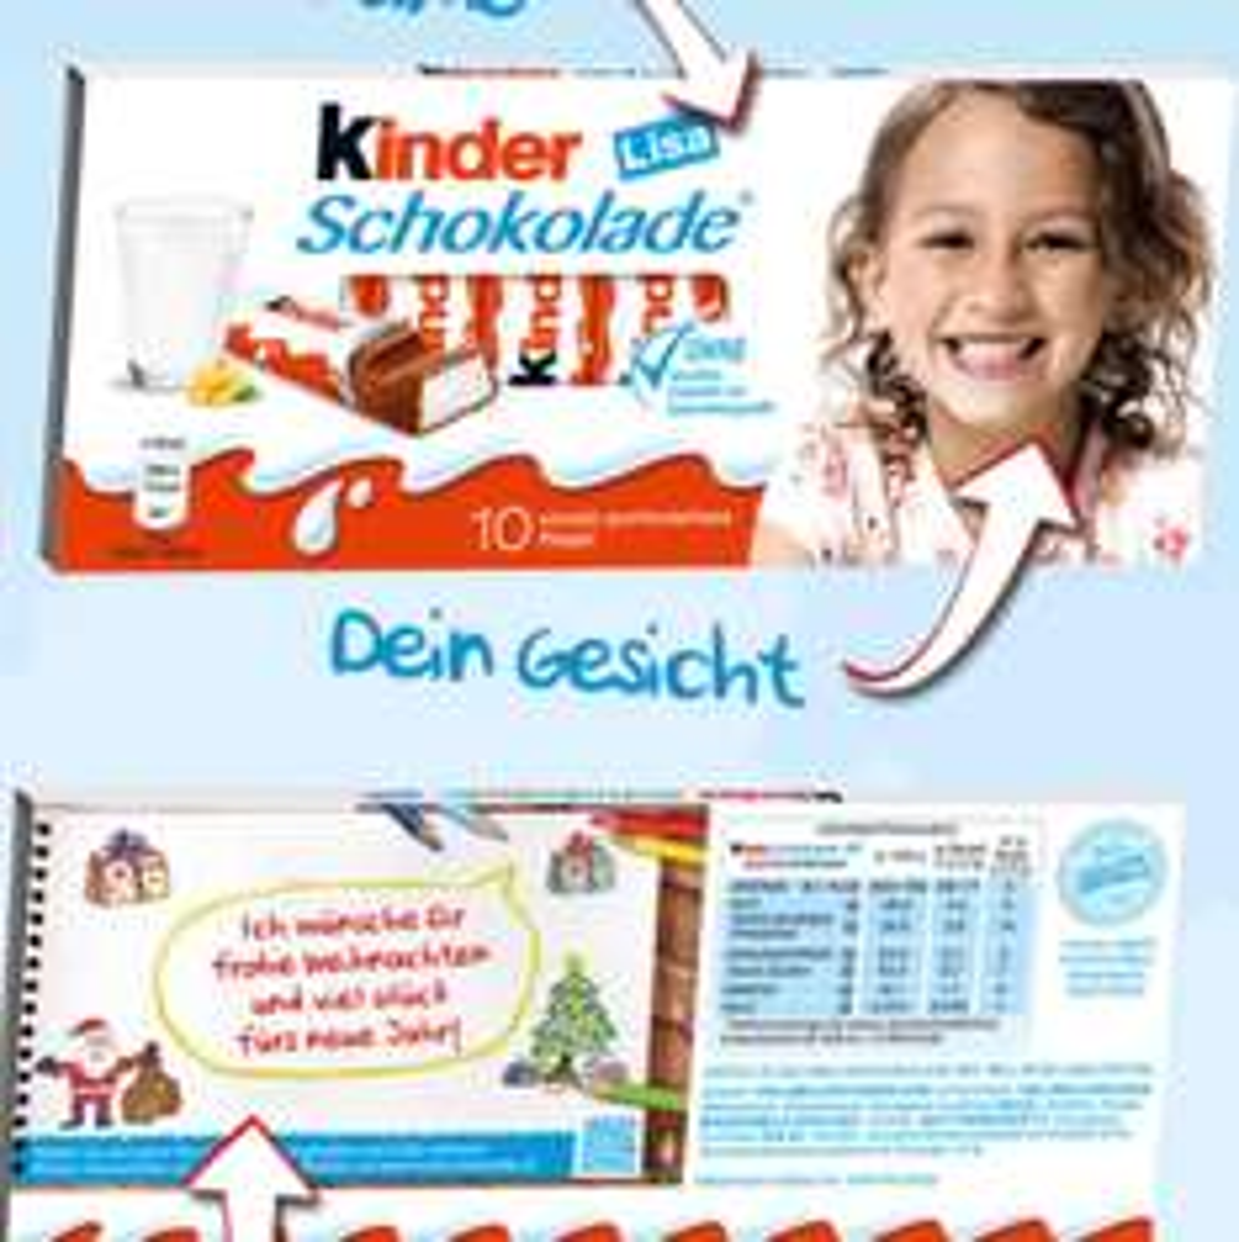 Persönliche Kinderschokolade gestalten, dein Gesicht auf der Verpackung